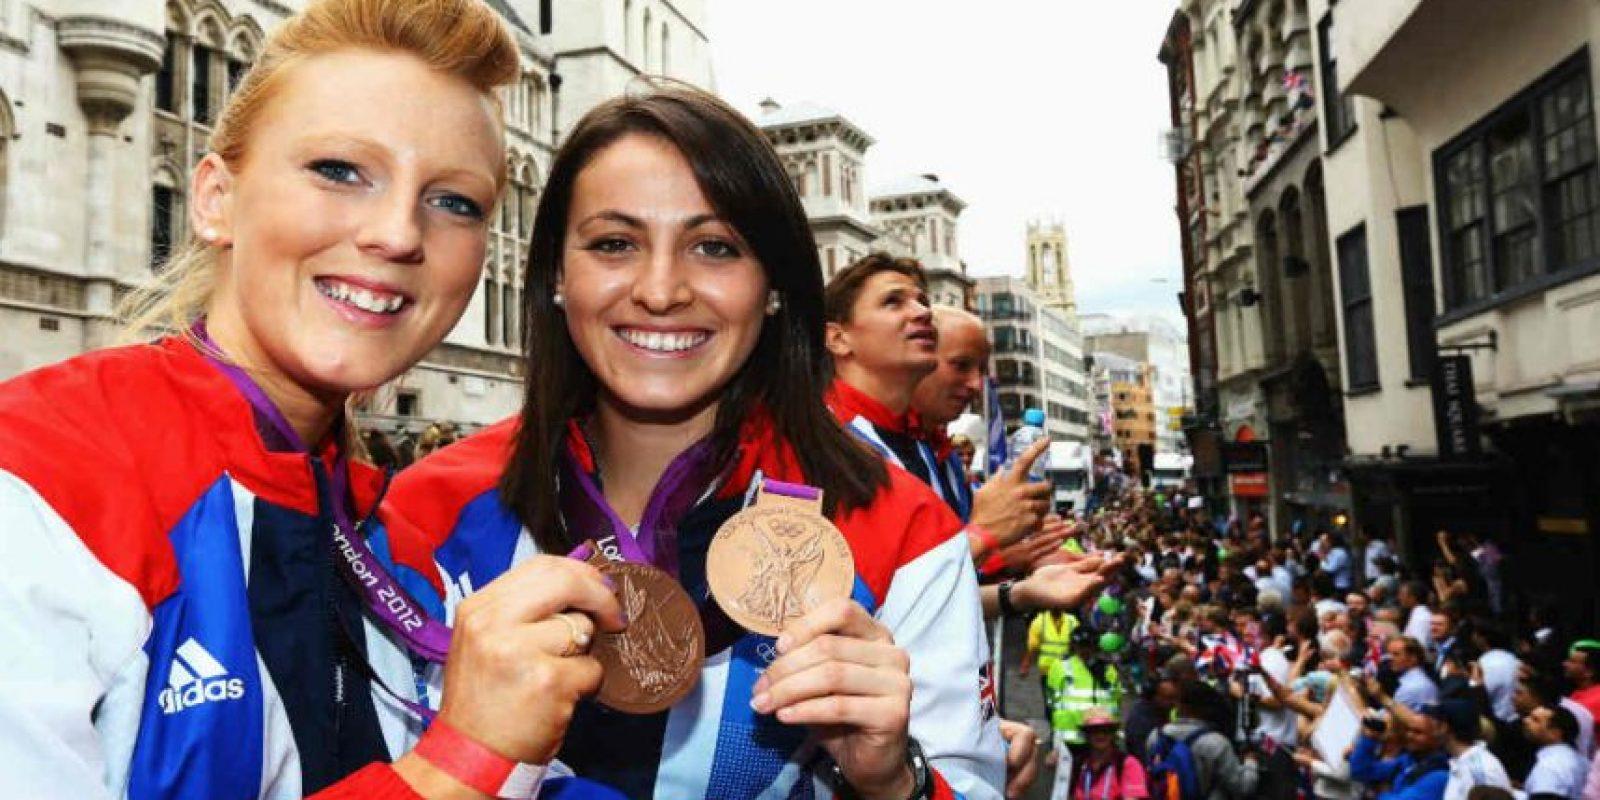 Las mujeres en el medio de los deportes son propensas a ser acosadas. Foto:Getty Images